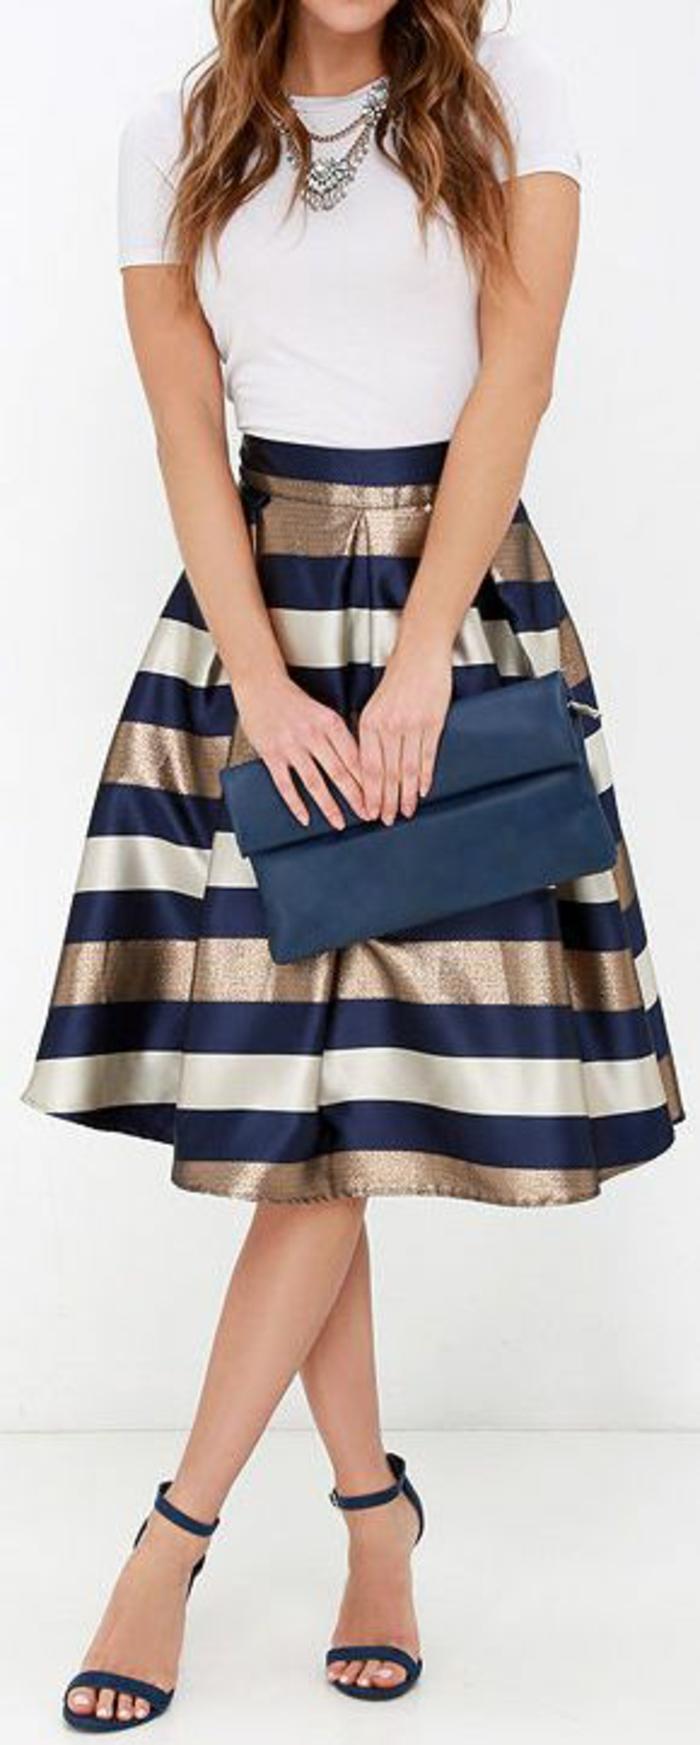 jupe trapèze taille haute en bleu, blanc et doré avec un top blanc manches courtes